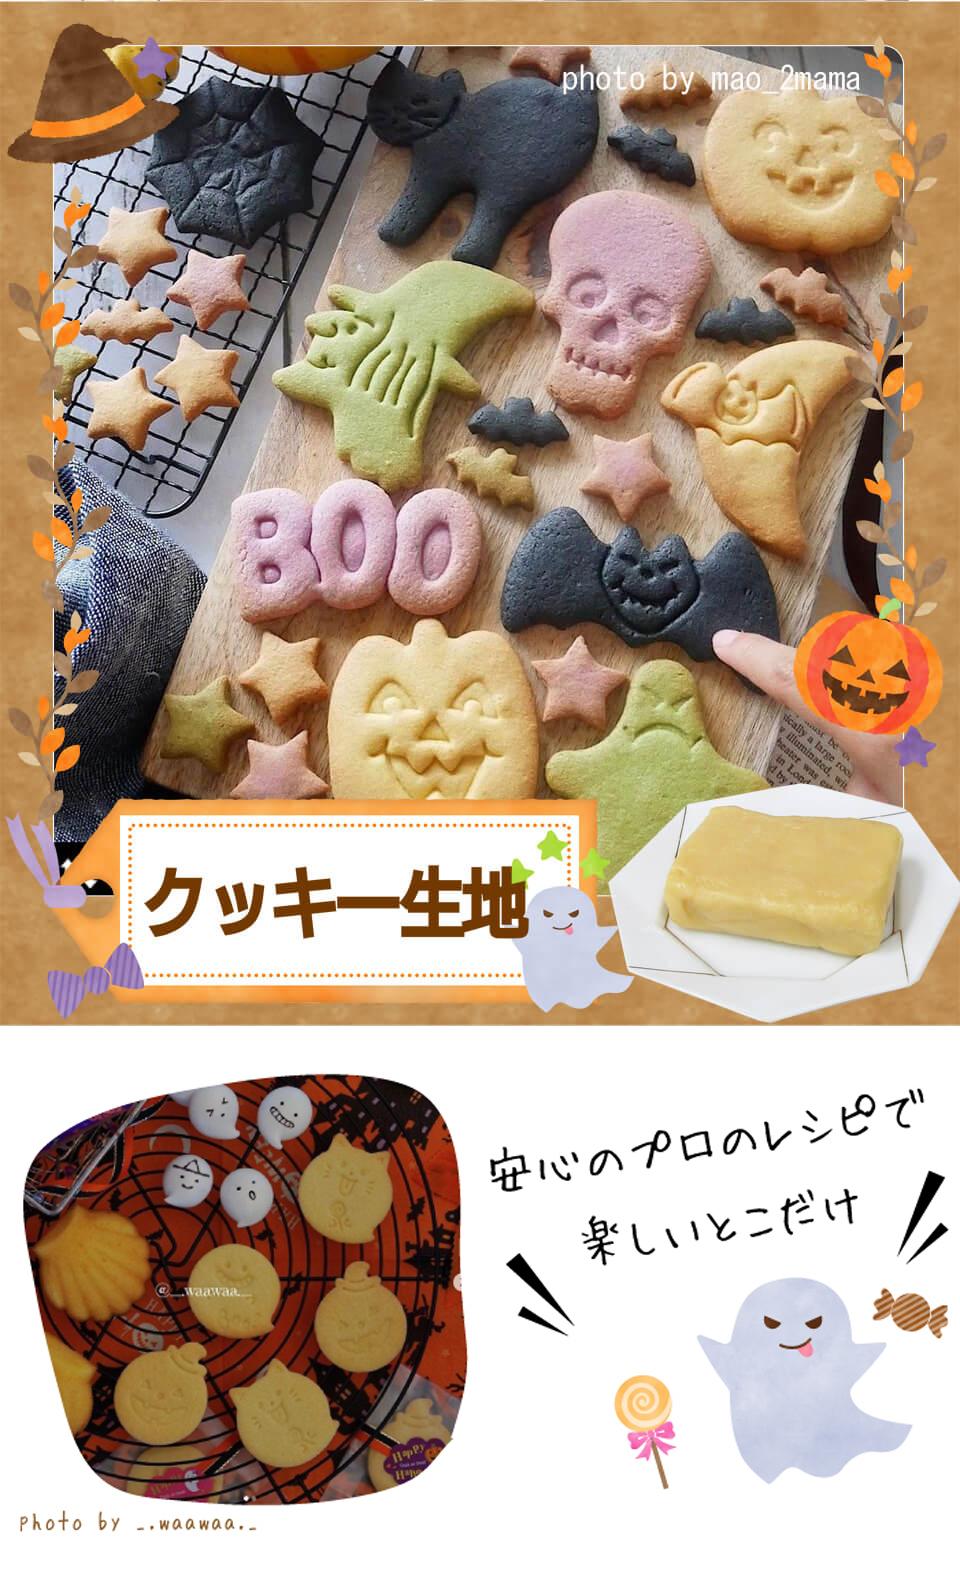 手作り ハロウィン おうち ハンドメイド クッキー 製菓 材料